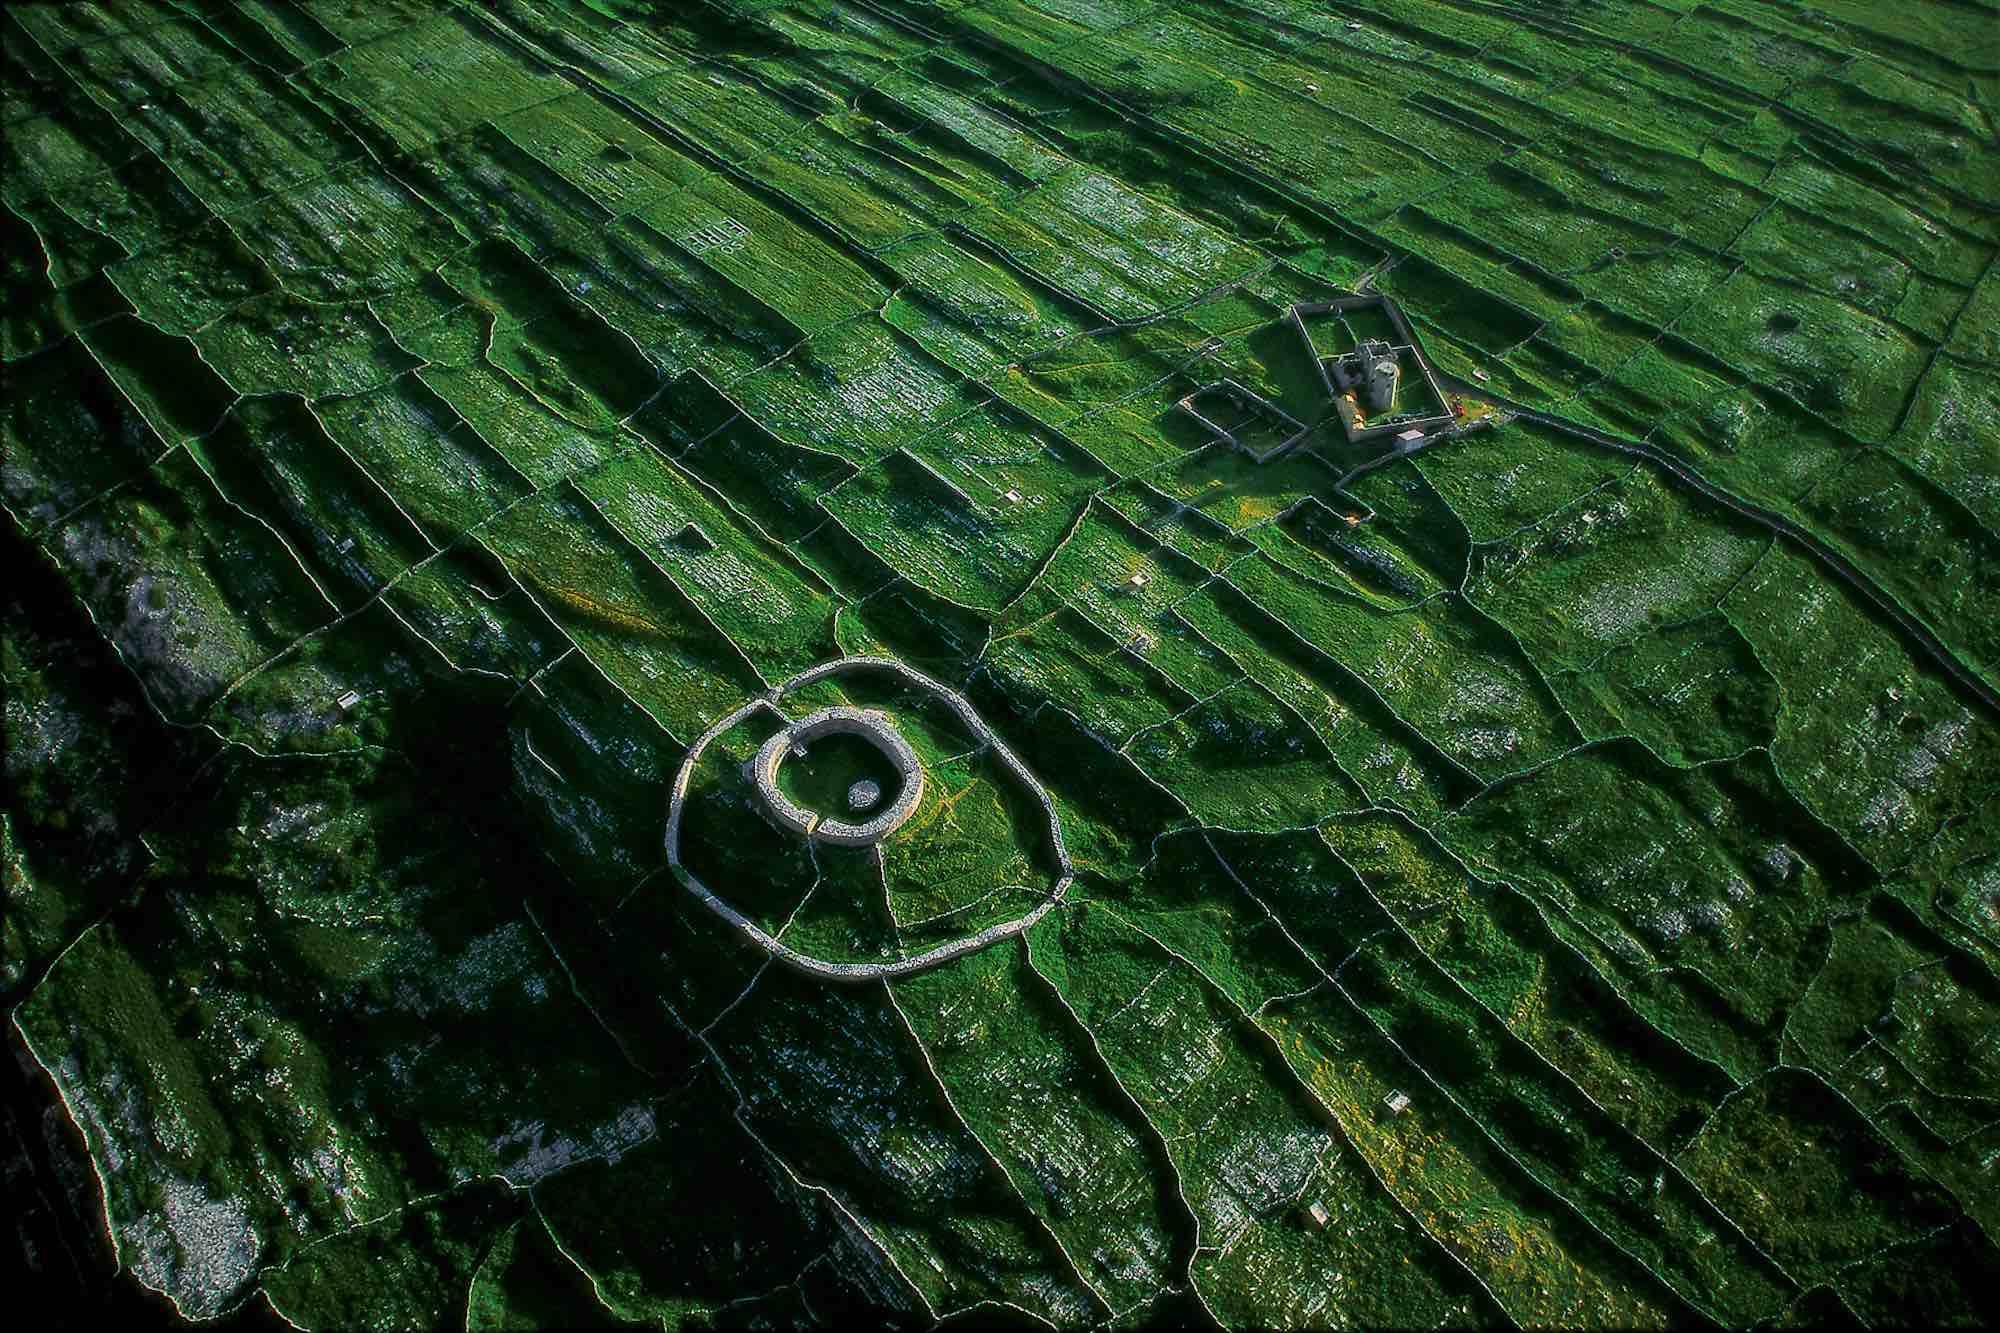 Inishmore - Yann Arthus-Bertrand